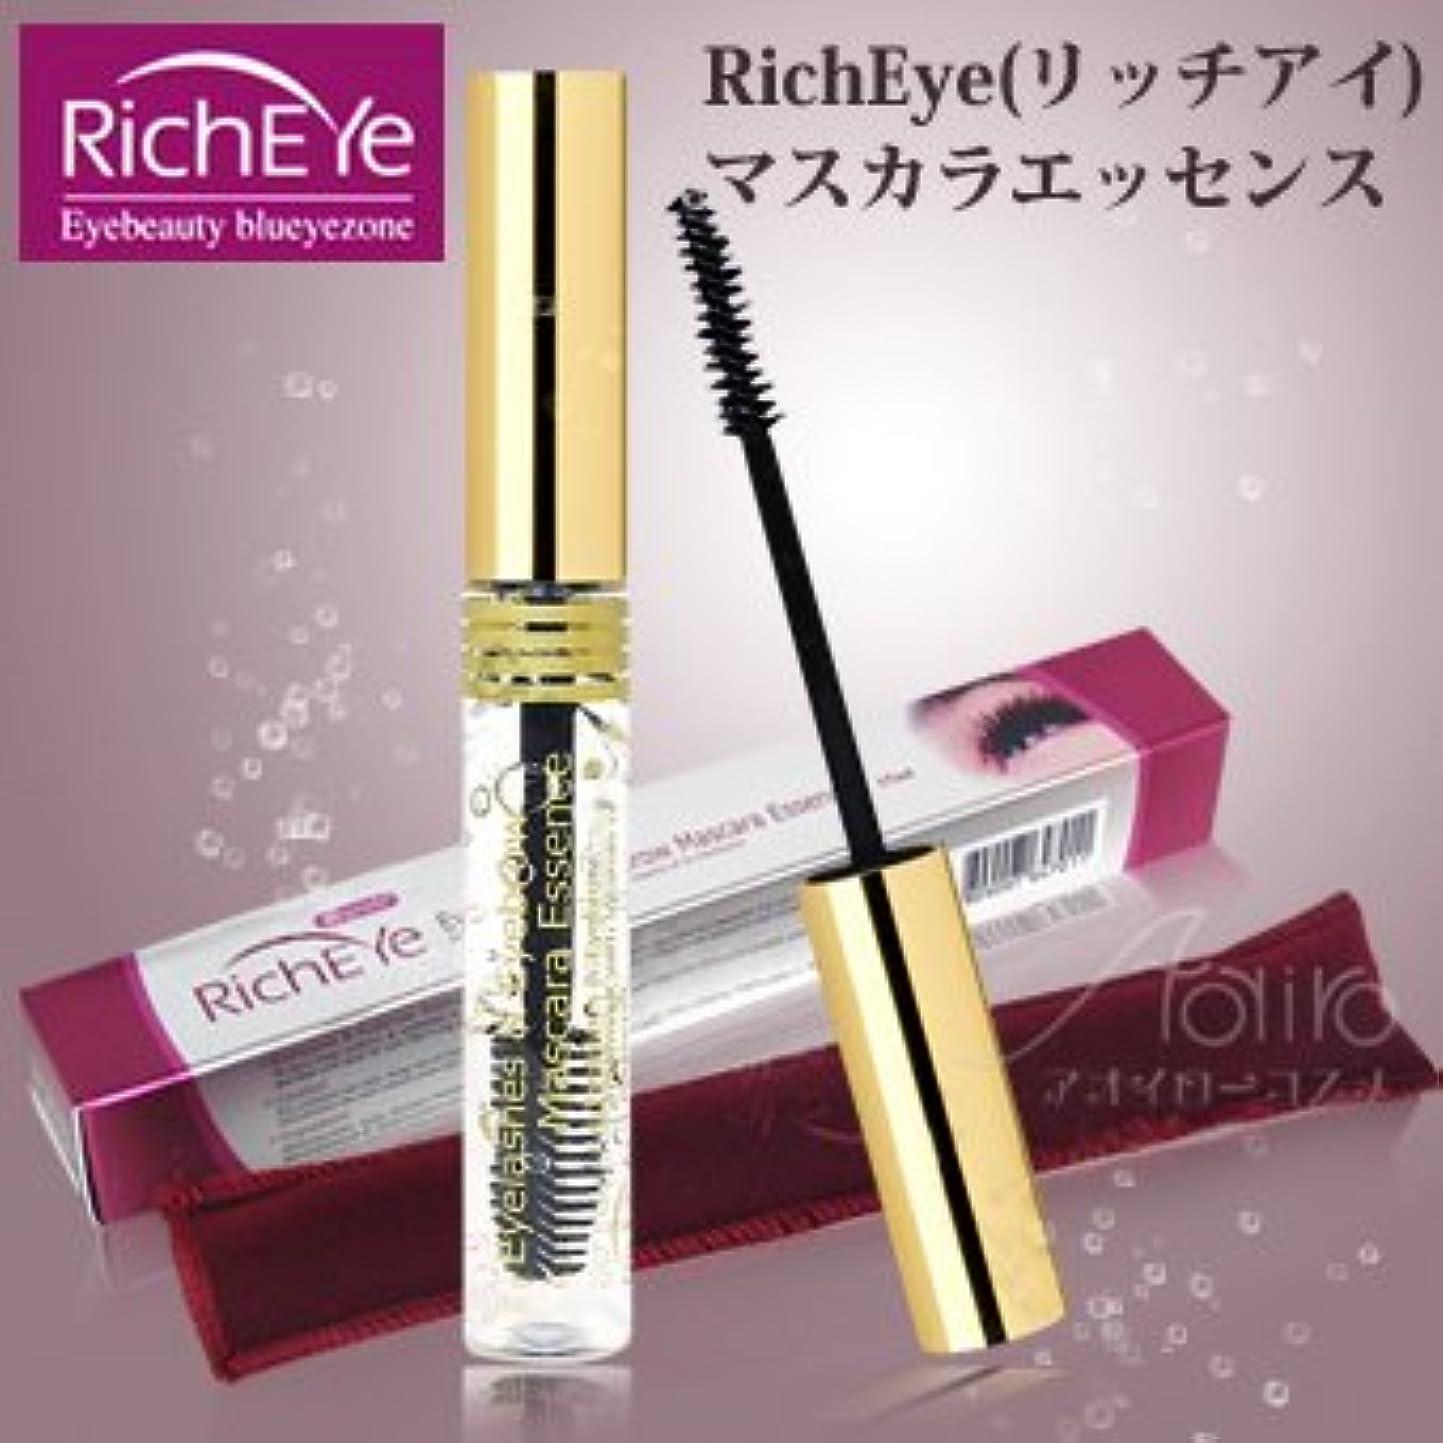 ポット高揚した習慣RichEye(リッチアイ)マスカラエッセンス (5個セット)